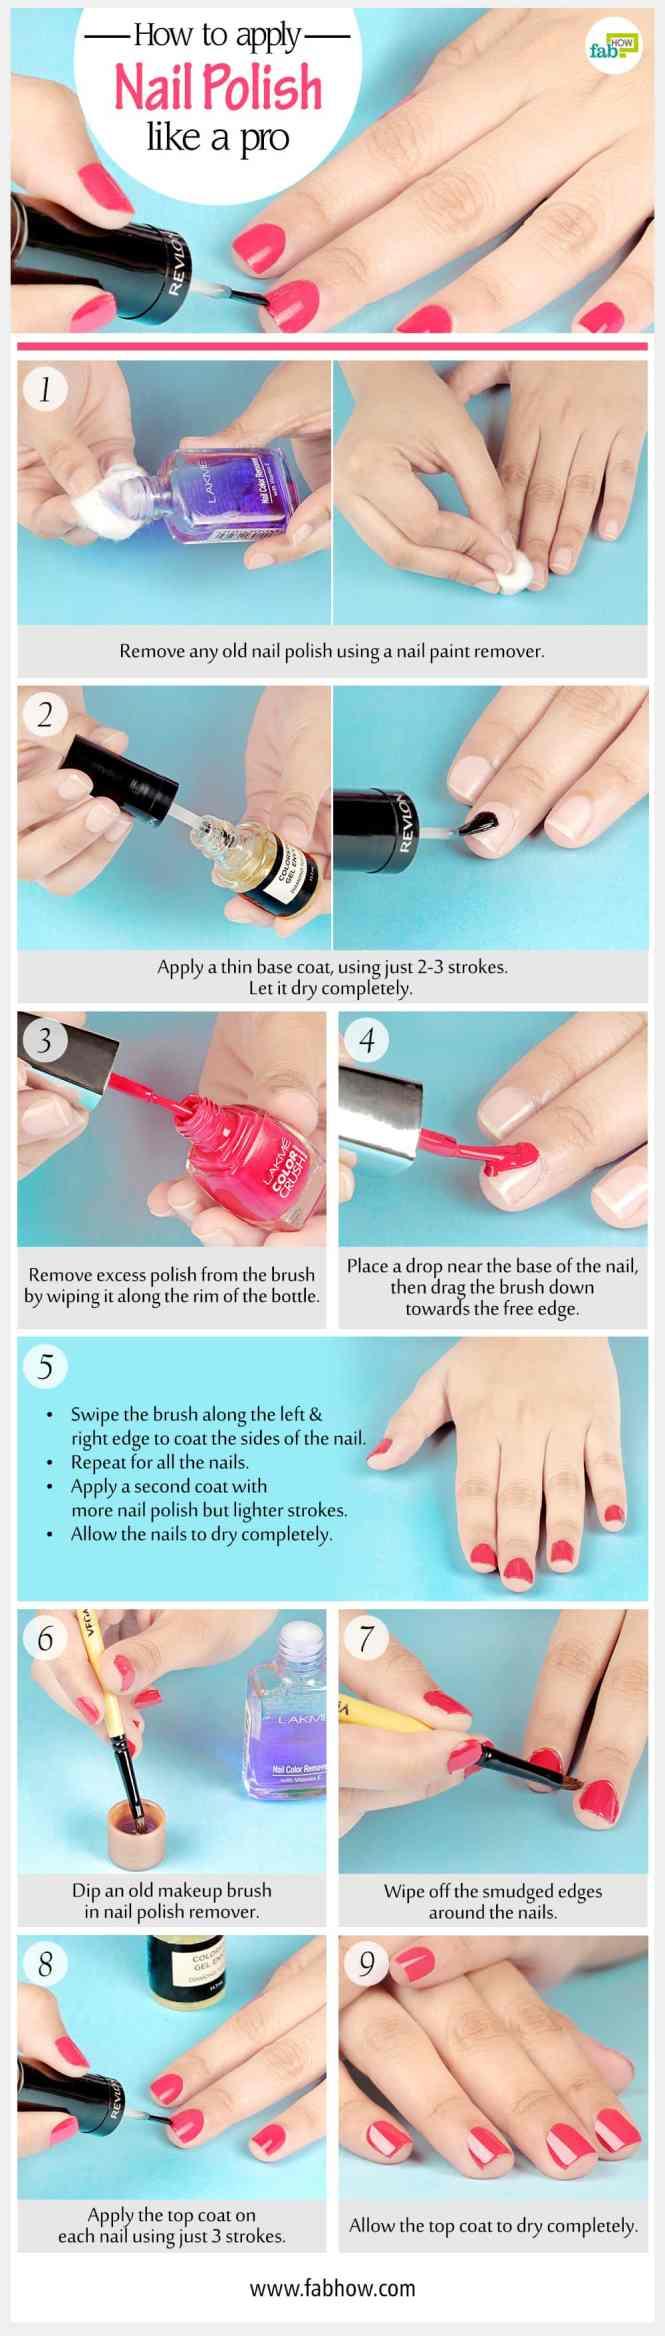 How To Apply Nail Polish Summary